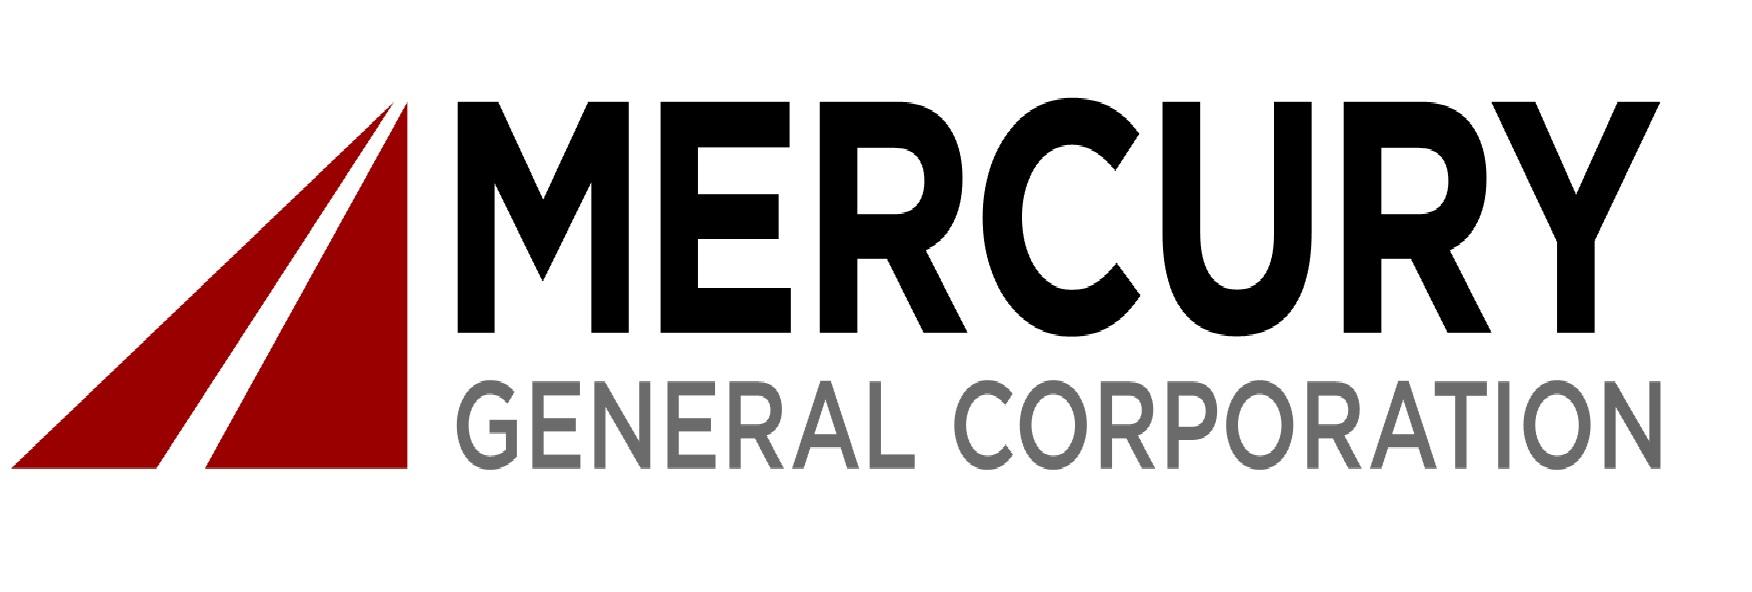 MERCURYLOGO14A01A17.JPG